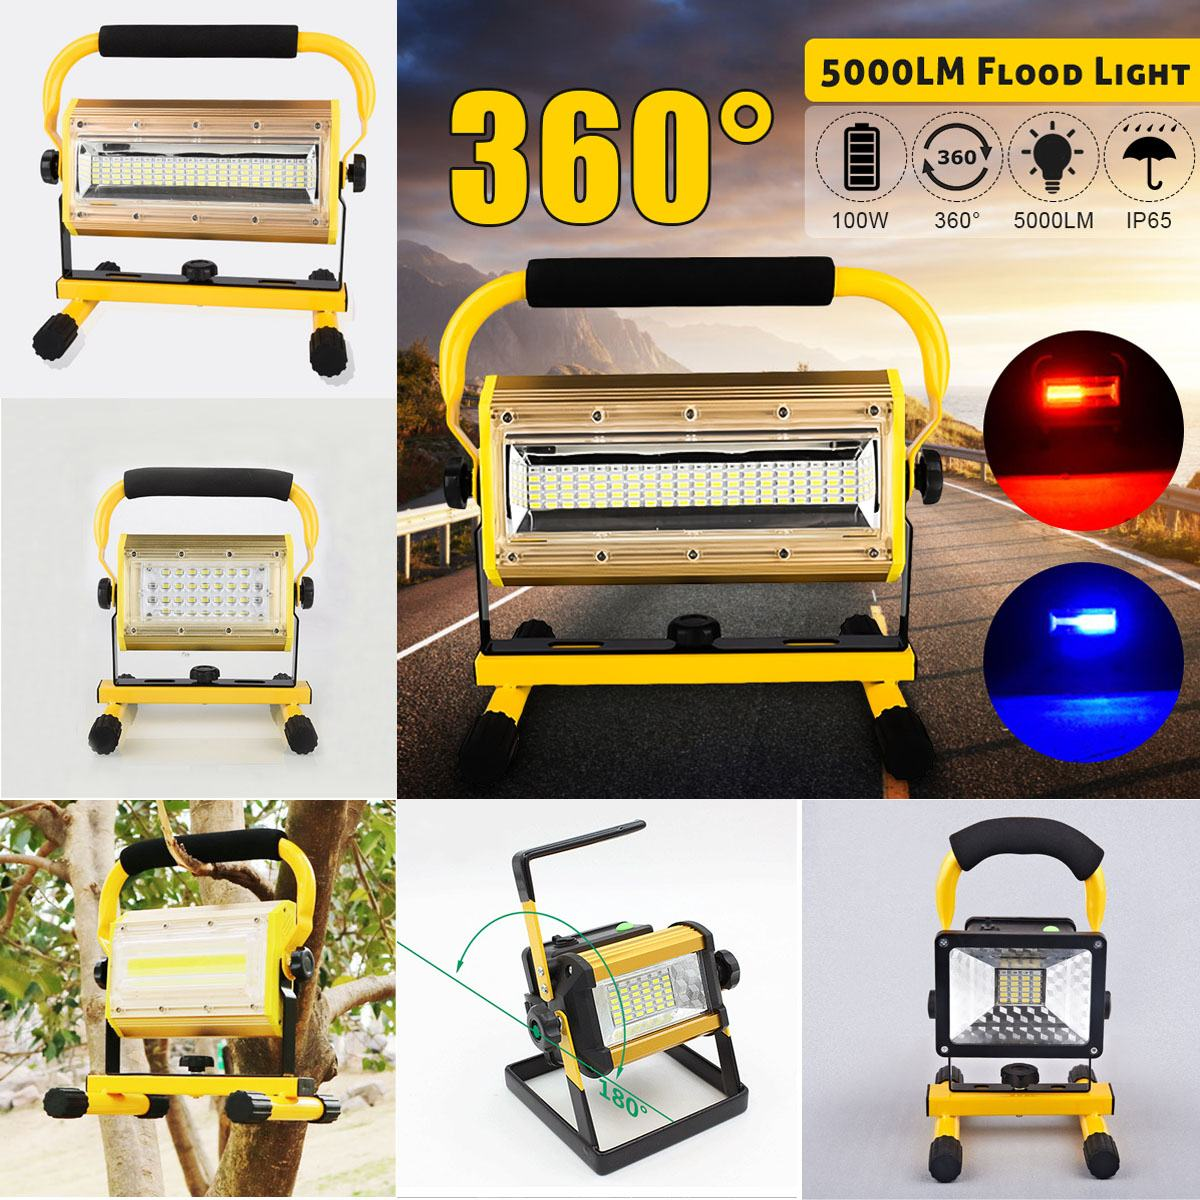 Rechargeable Projecteur 30 W/50 W/100 W 36 lampe à led Portable 2400LM Spotlight Flood Spot Light Work